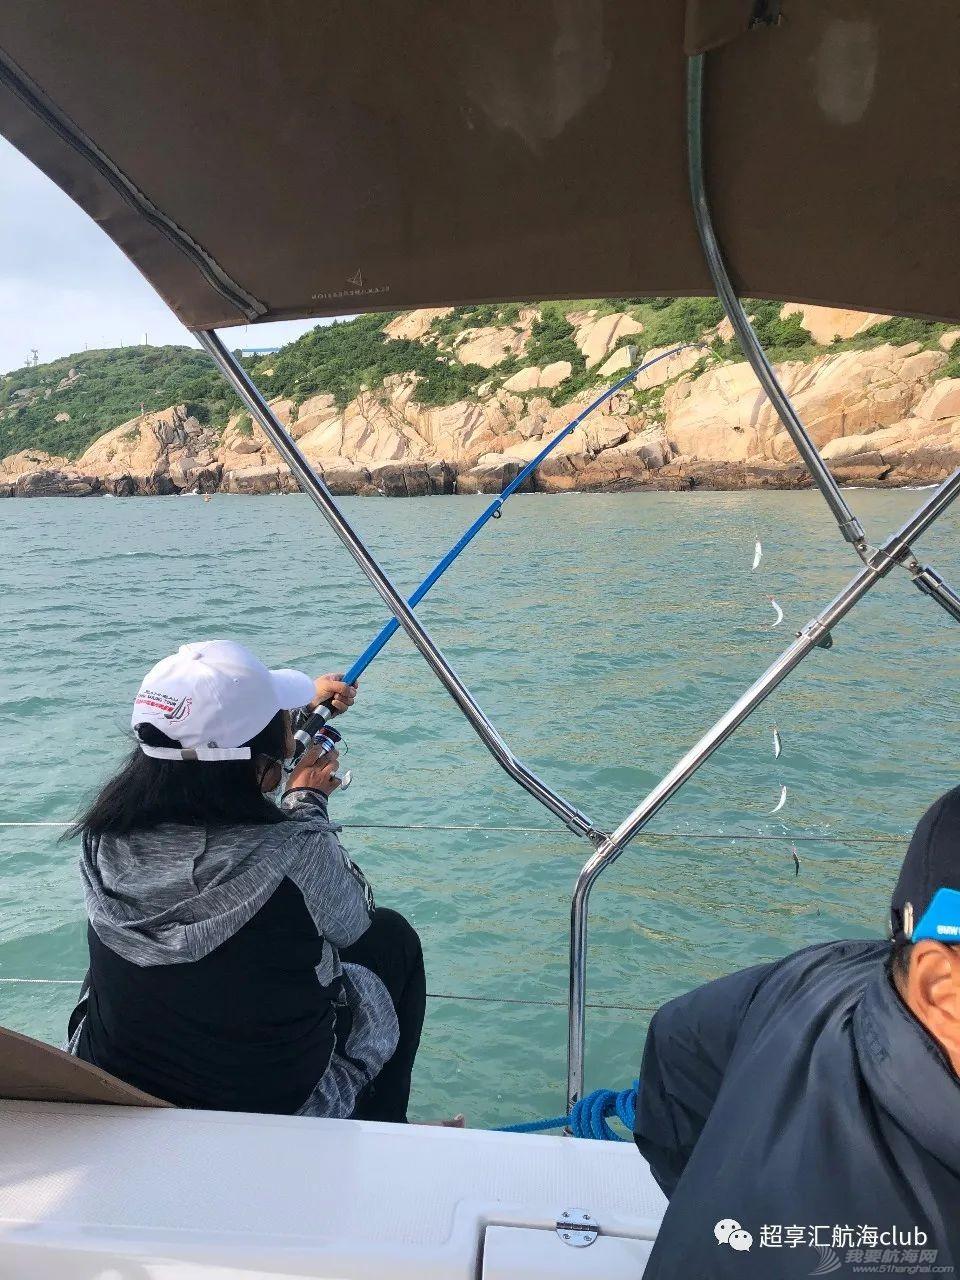 国庆海上不堵车,一起去航海吧!小颖号探秘东极岛w25.jpg